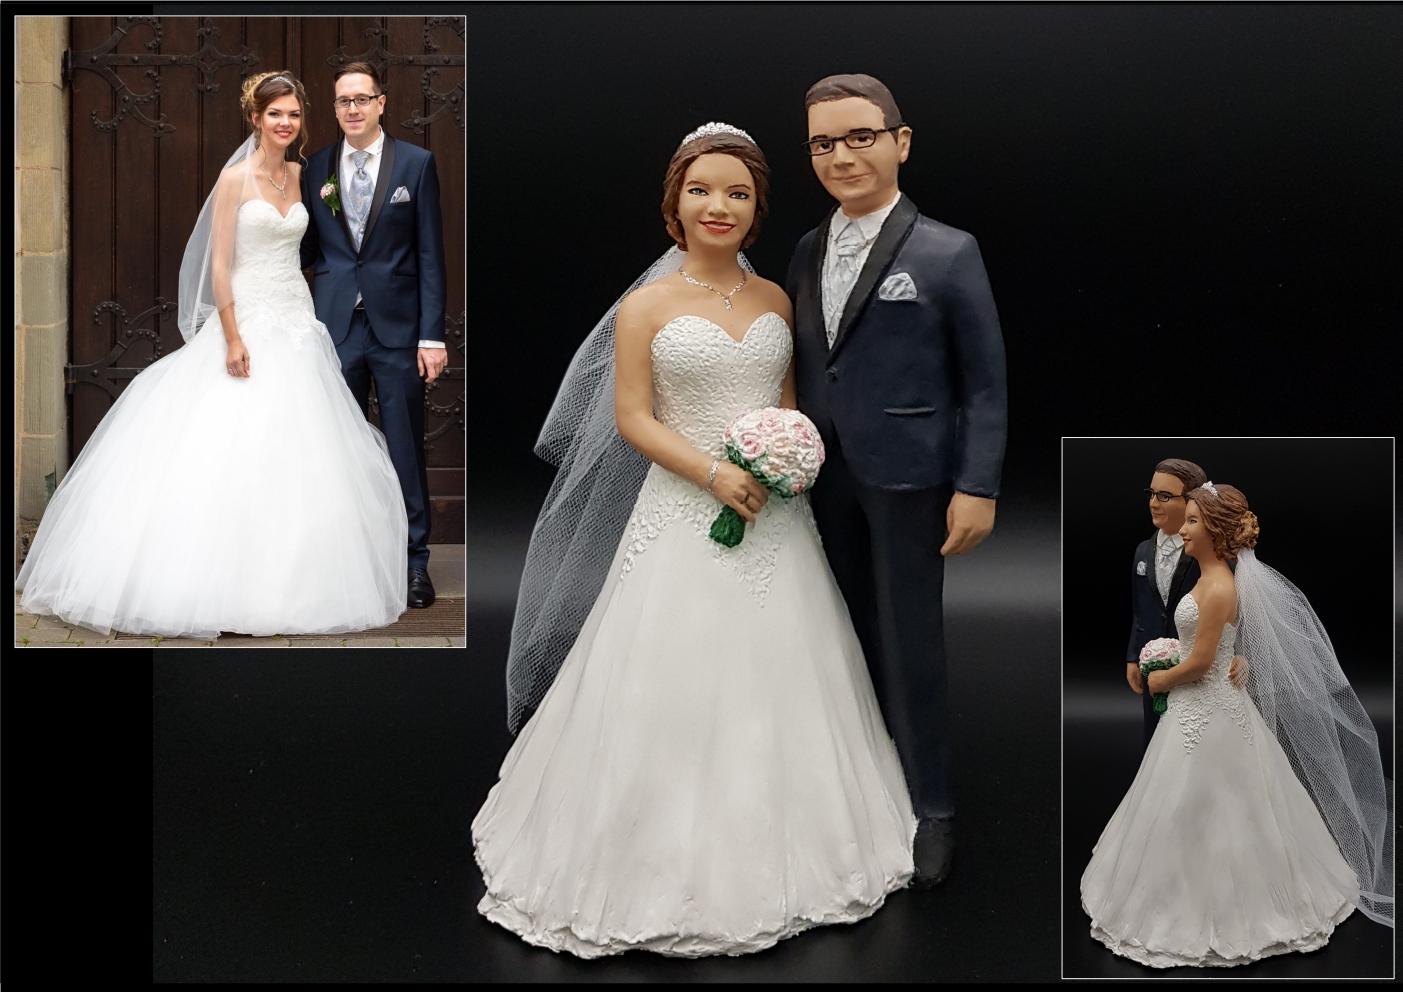 Persönliche Hochzeitsfiguren nach Fotos